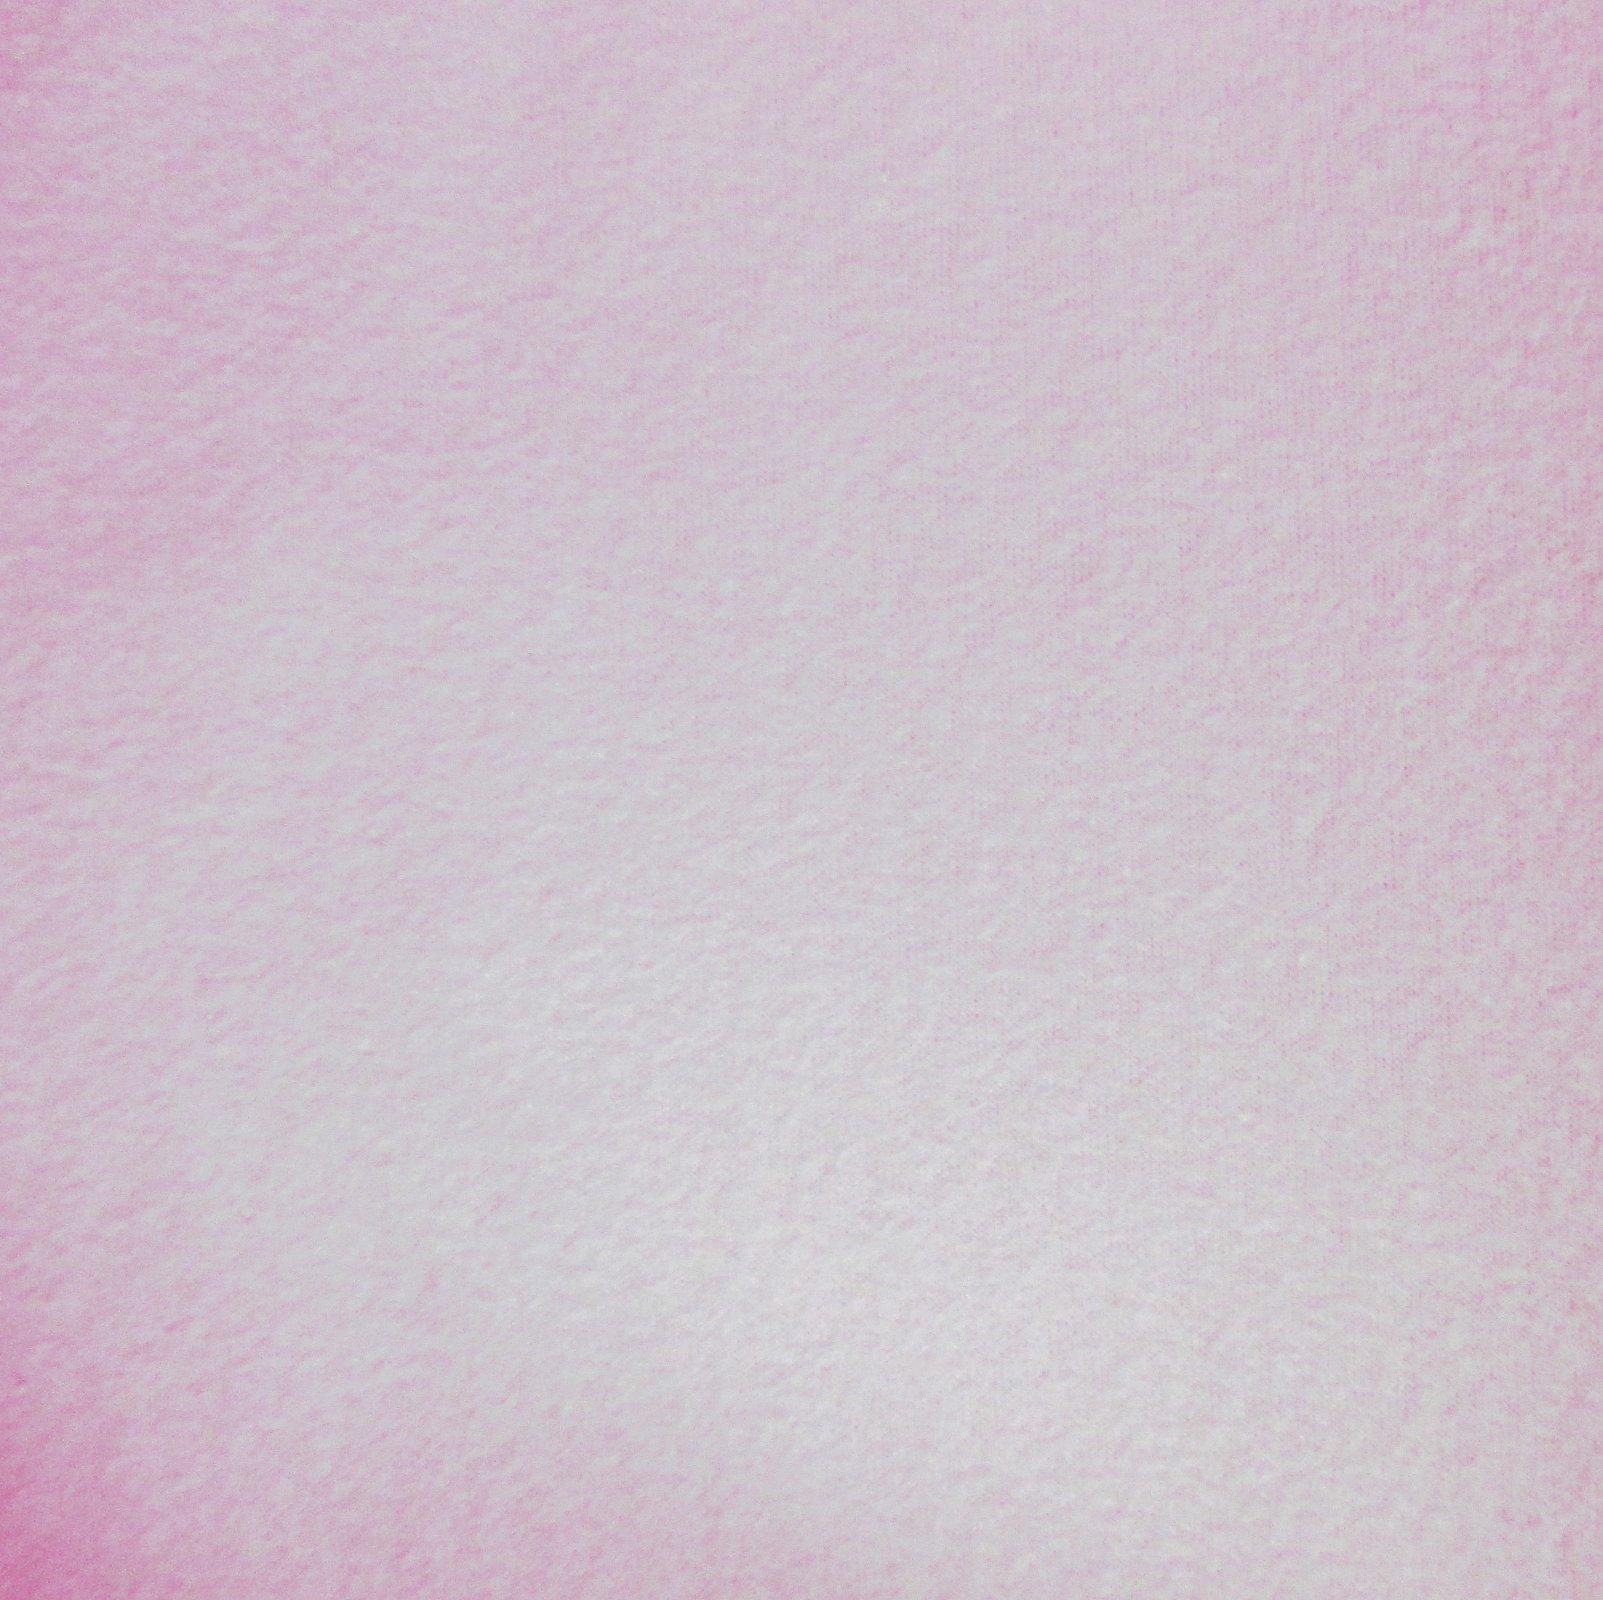 Solid Light Pink Fleece